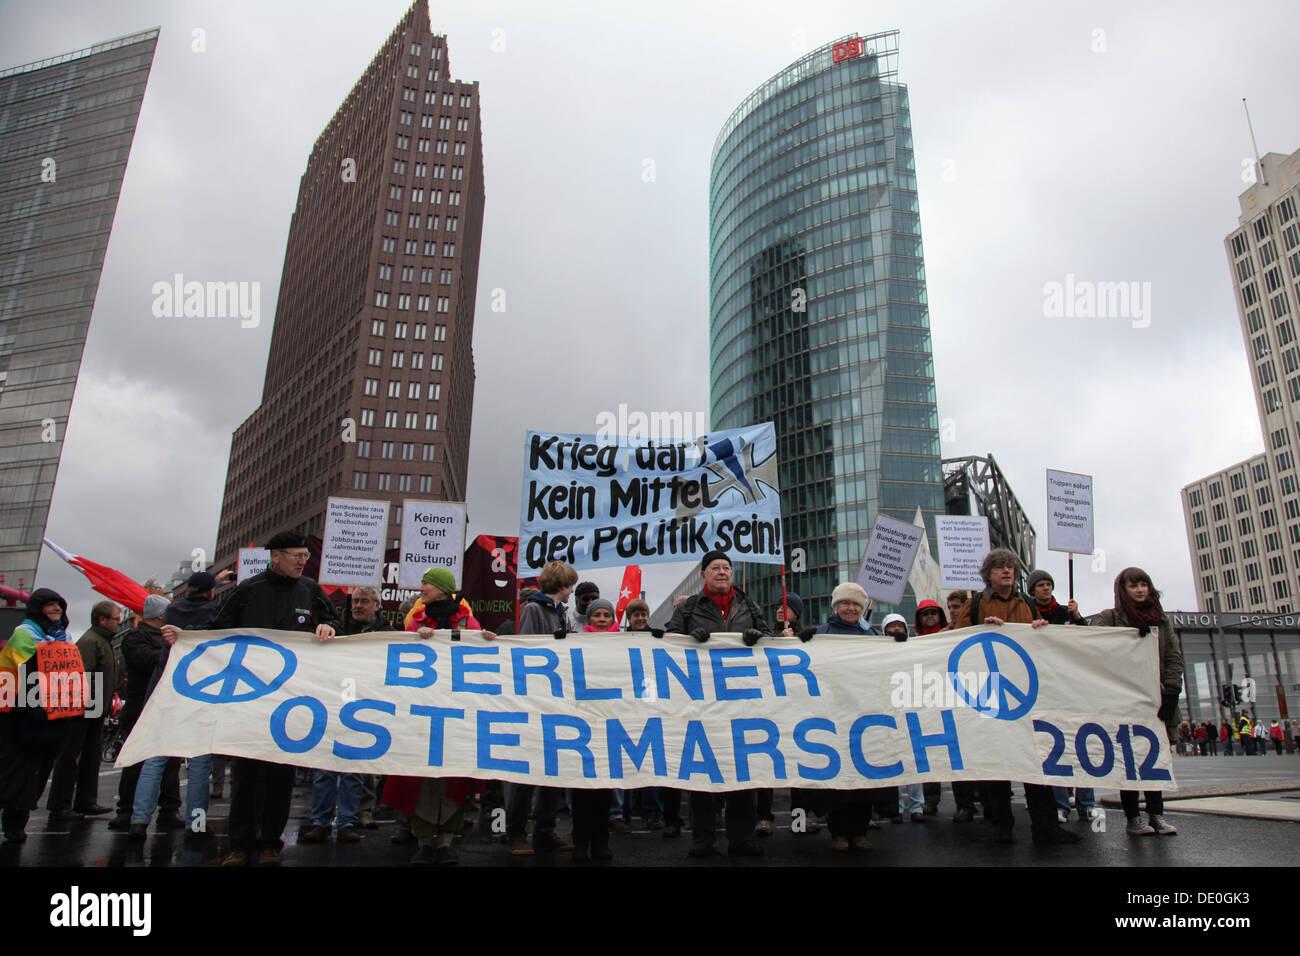 La pascua de marzo del movimiento pacifista alemán en la Potsdamer Platz, la plaza Potsdam, Berlin Imagen De Stock